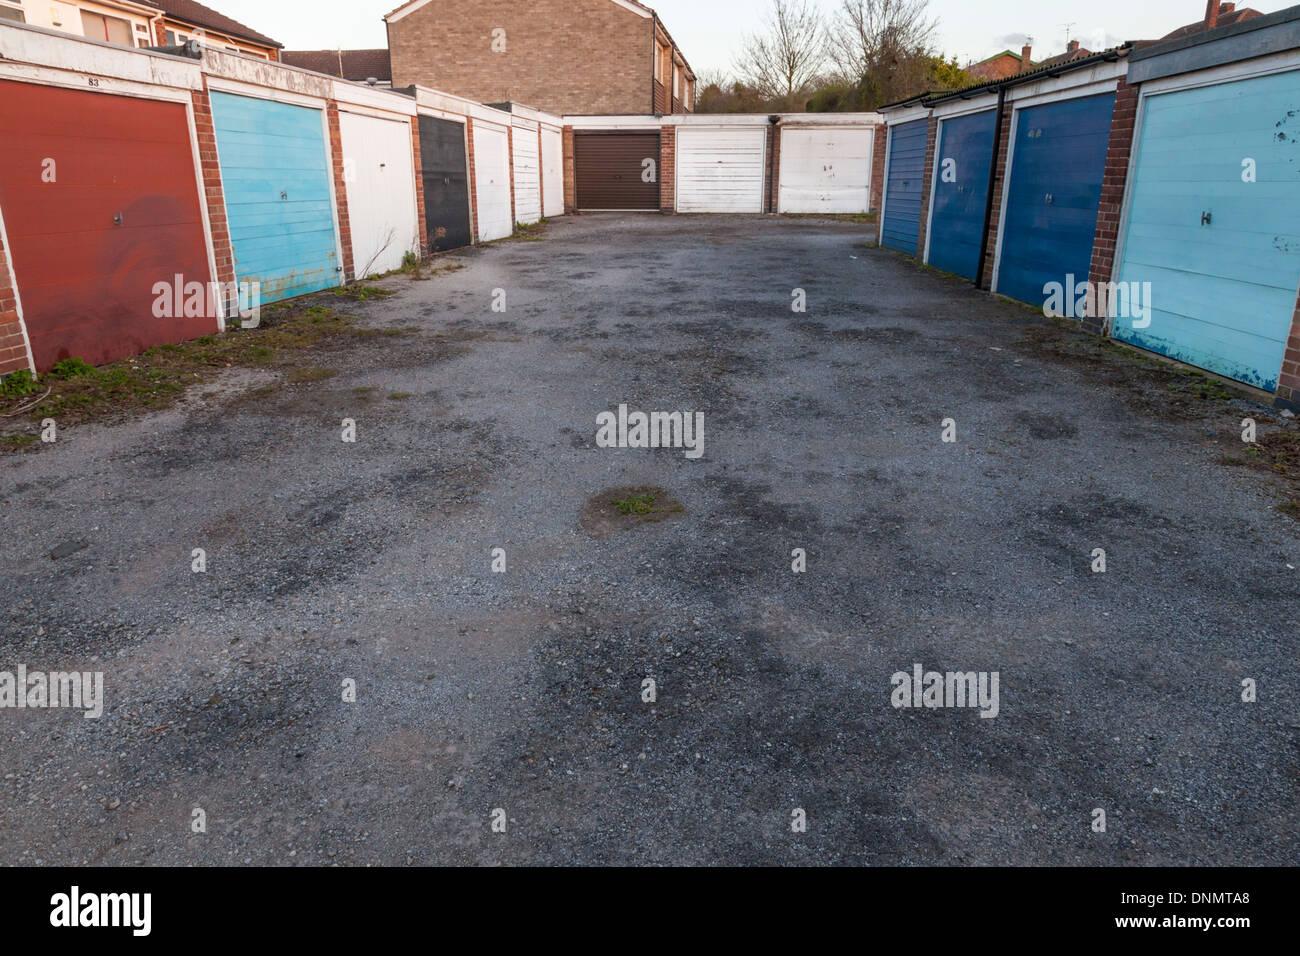 Lock up garajes en una urbanización, Nottinghamshire, Inglaterra, Reino Unido. Foto de stock